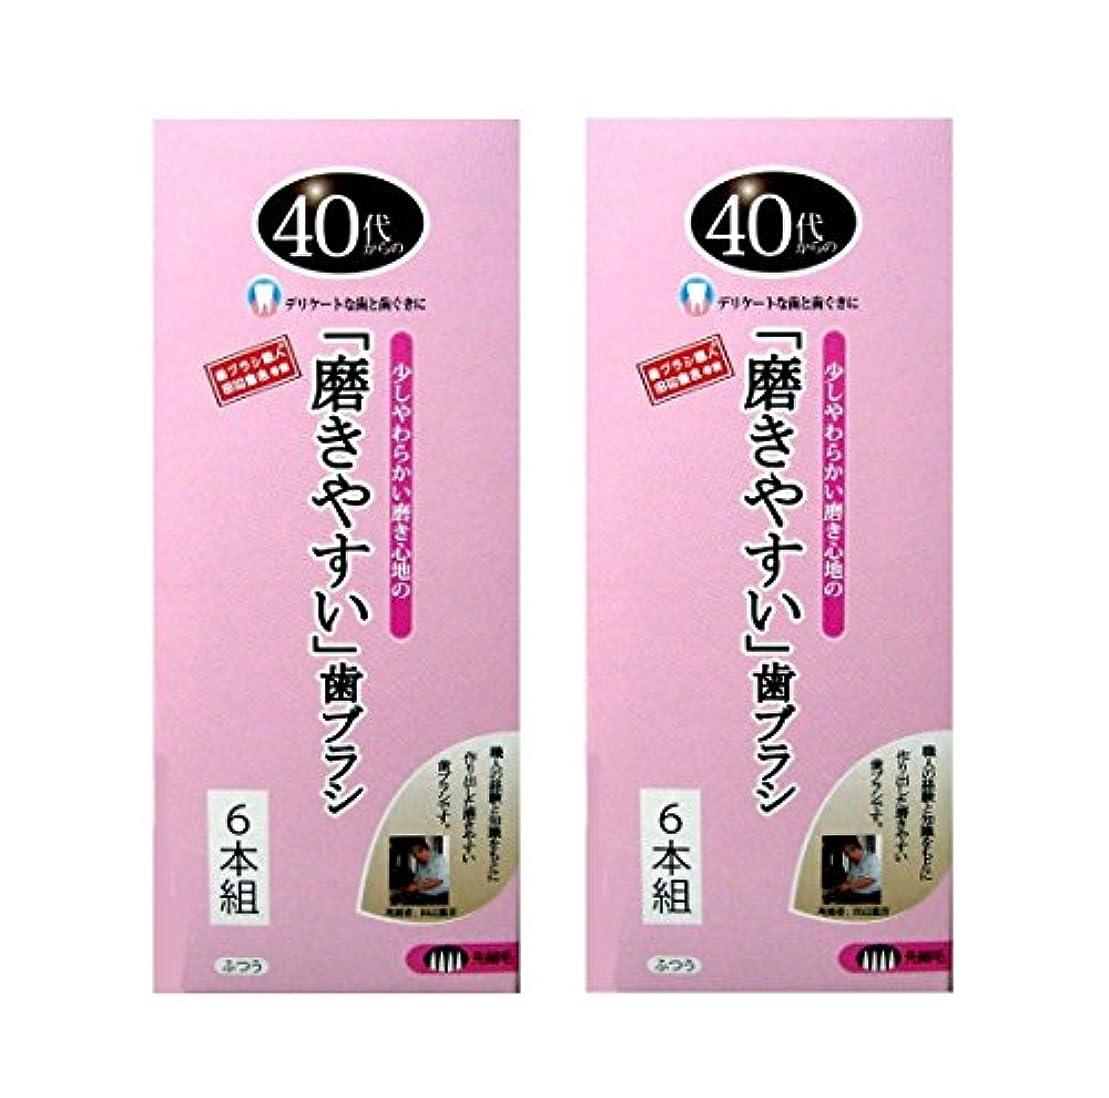 アナリスト未知の天才歯ブラシ職人 田辺重吉考案 40代からの磨きやすい歯ブラシ 先細 6本組×2個セット